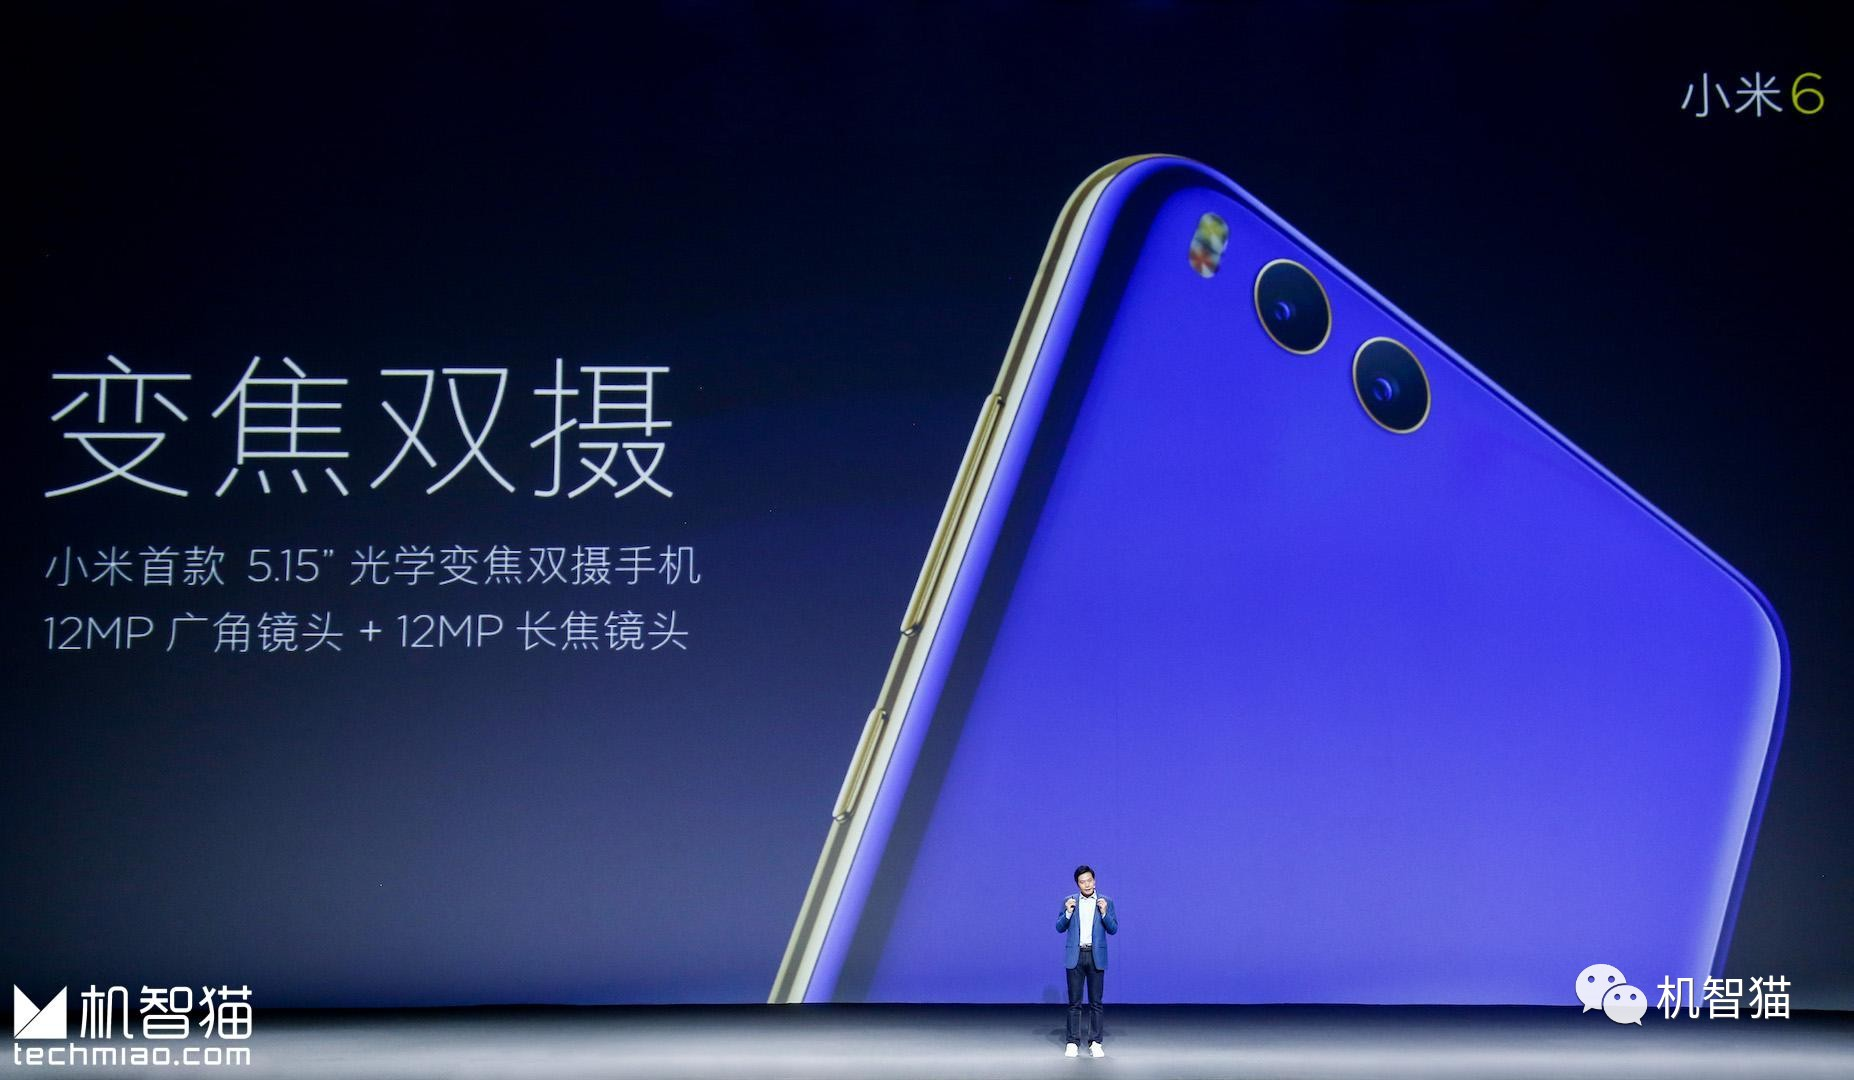 新一代性配件真假6性、怪兽、体验全面提辨别iphone6s工艺小米图片